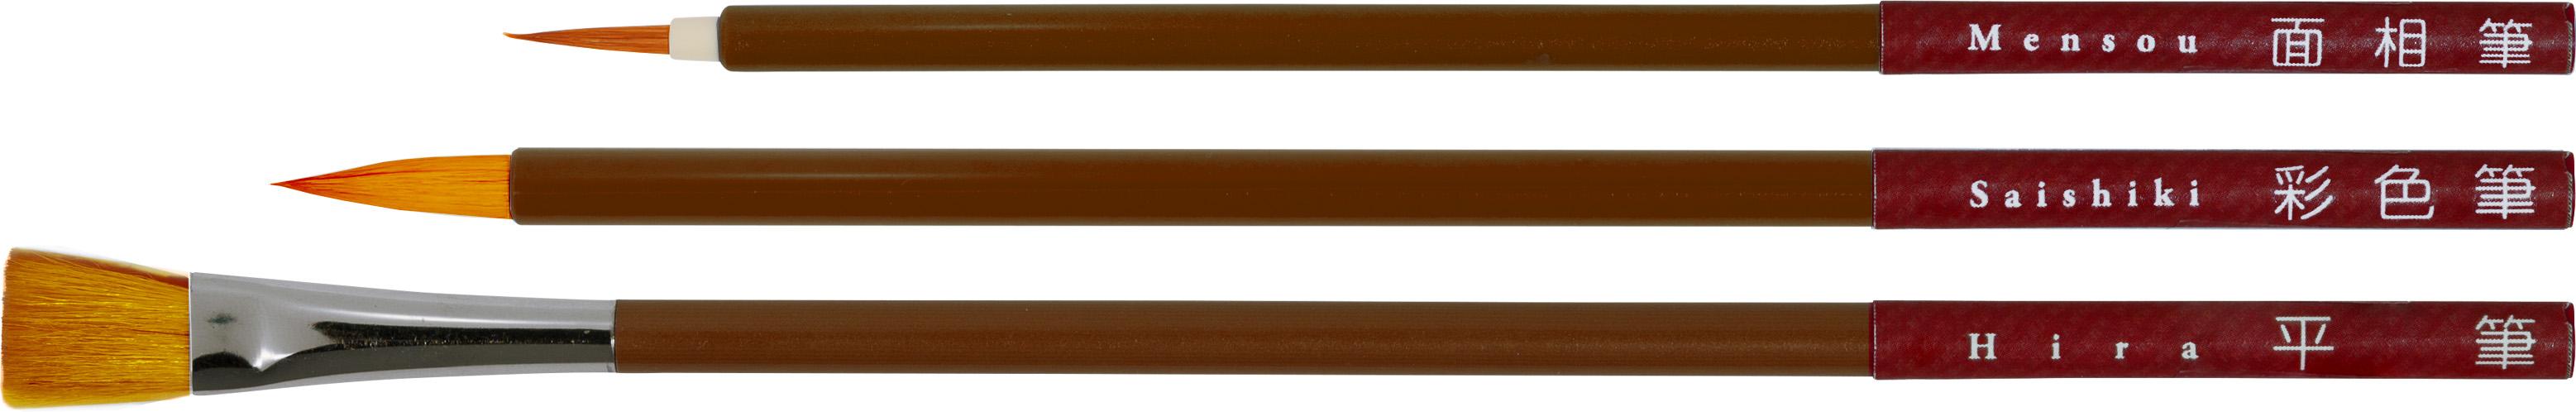 ニッカーナイロン筆3本組